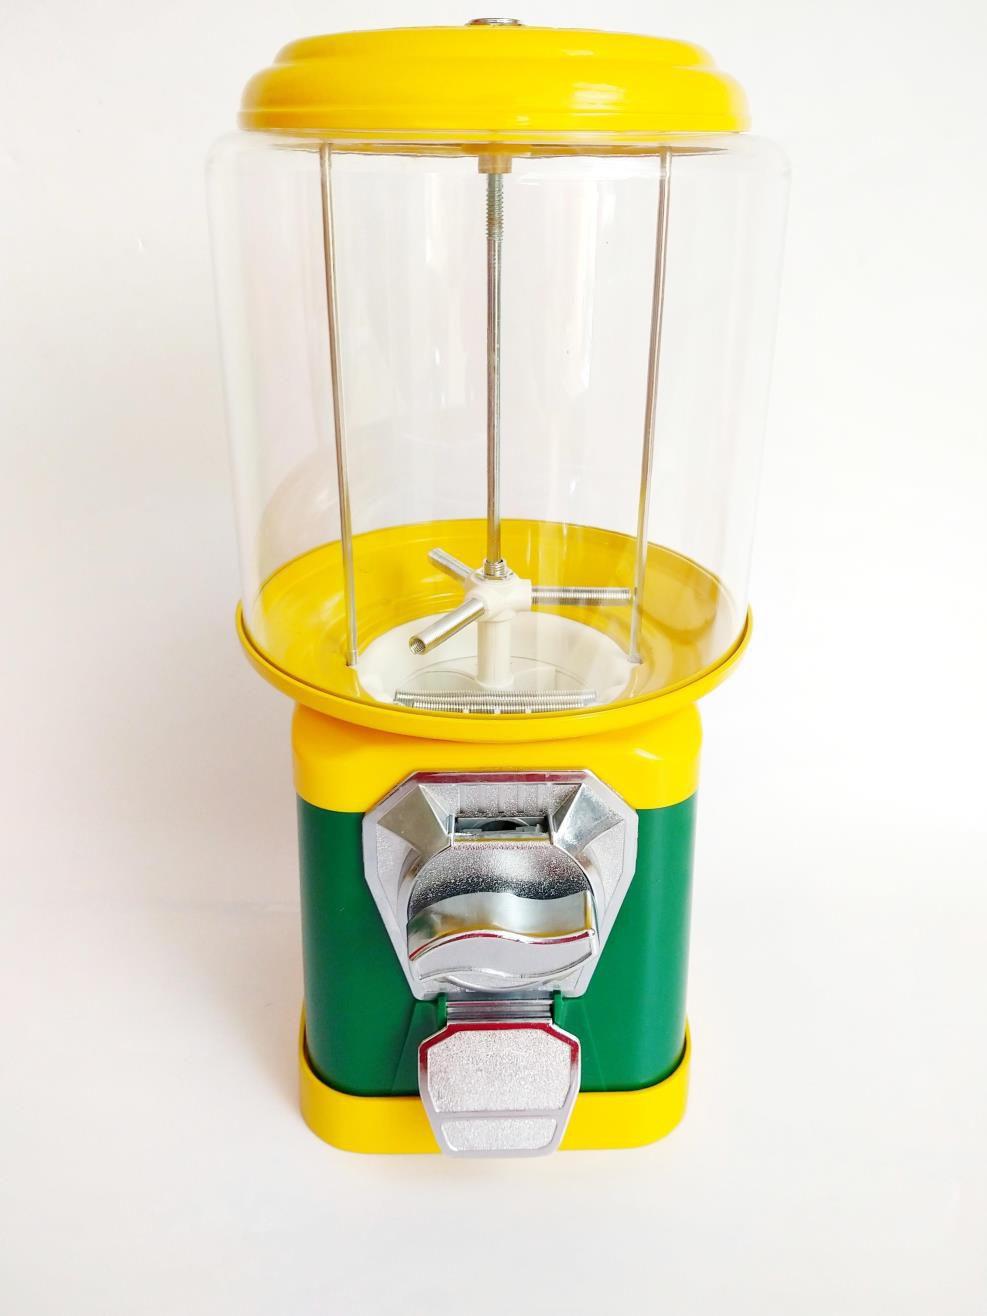 Kit Completo 7 Maquina de Bolinha Pula Pula + Rack + Produtos - Vending Machine